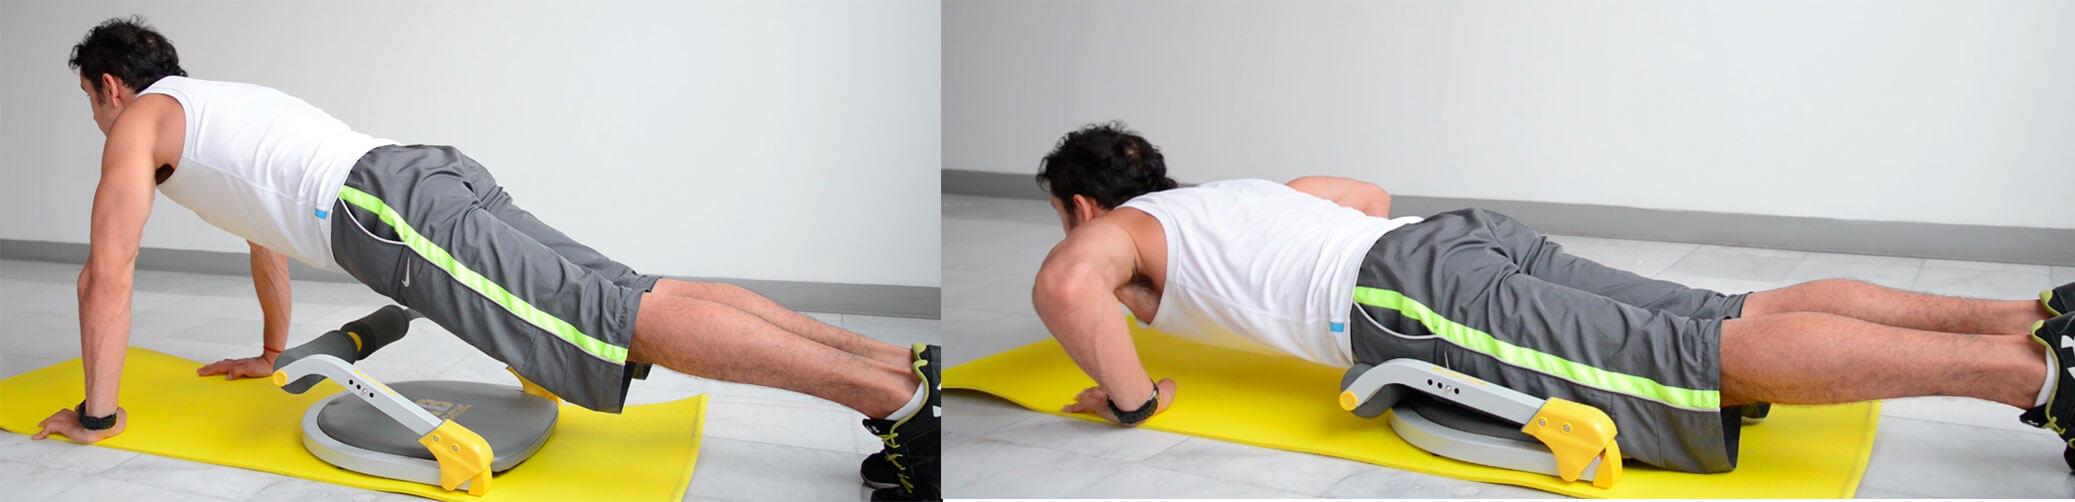 Daniel Cortés realizando lagartijas en el aparato de ejercicio Ab Tomic en el nivel 3 de resistencia.